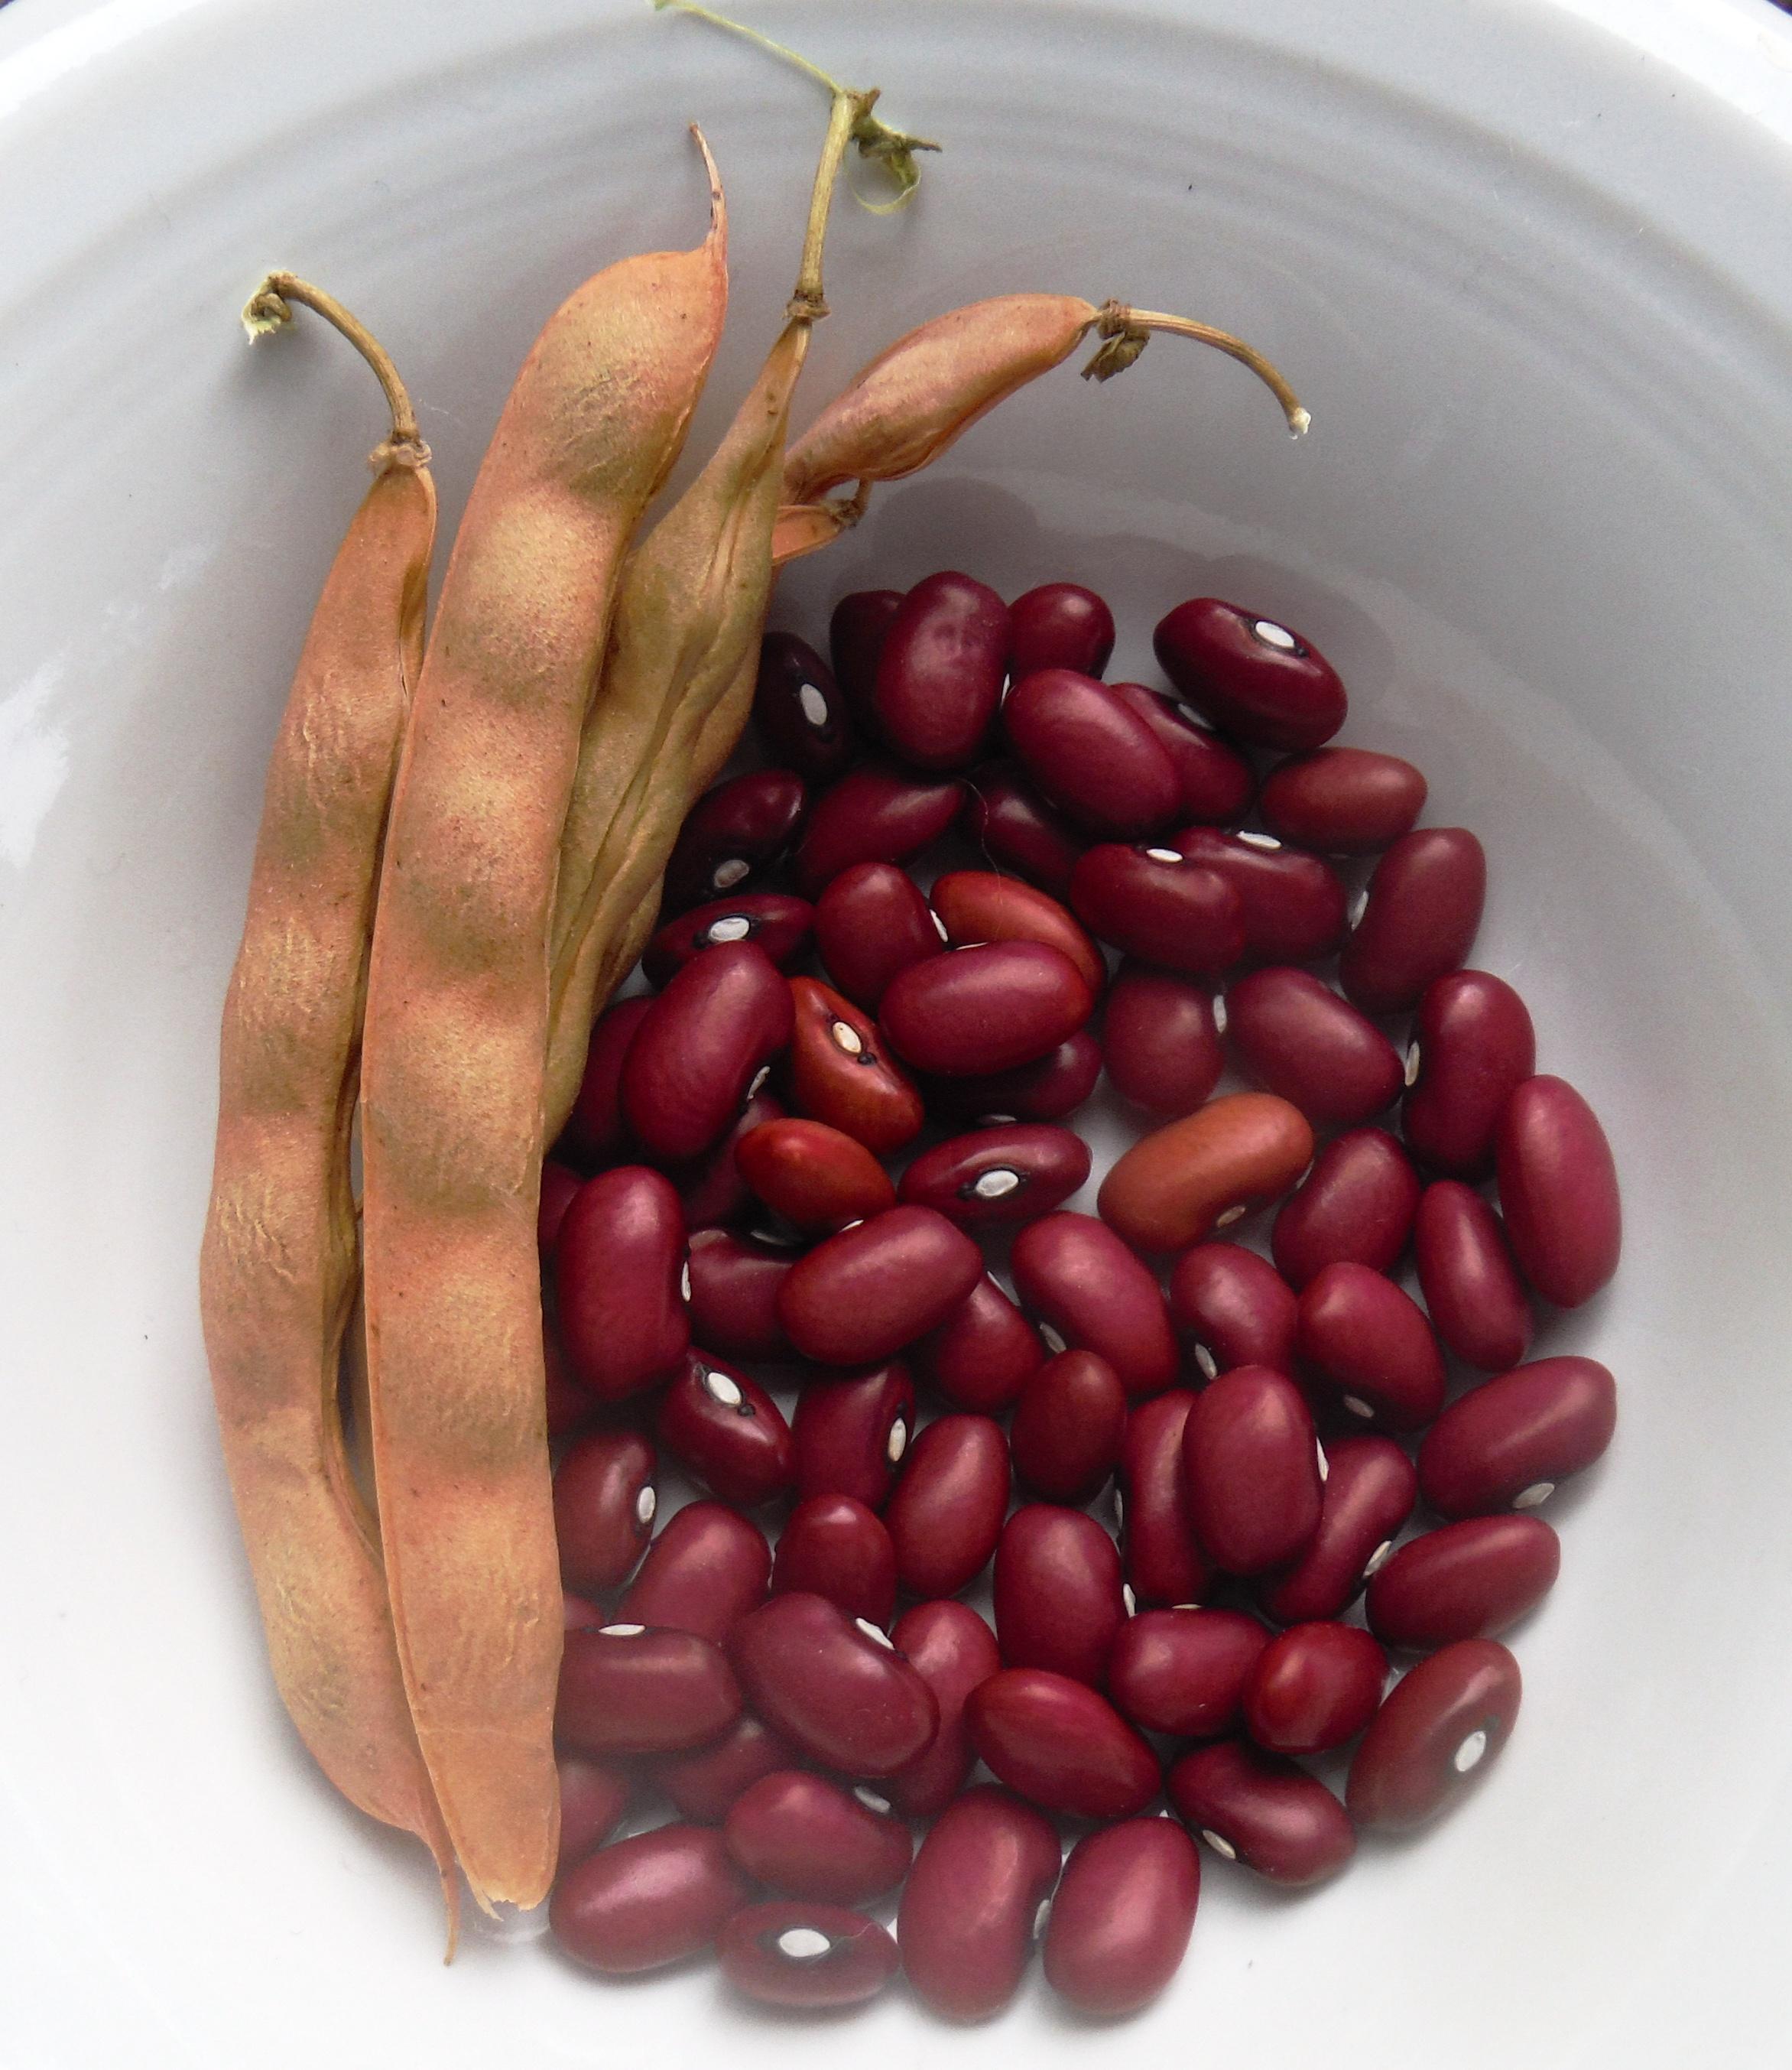 Hopi Red Dry Bean Gardening Jones